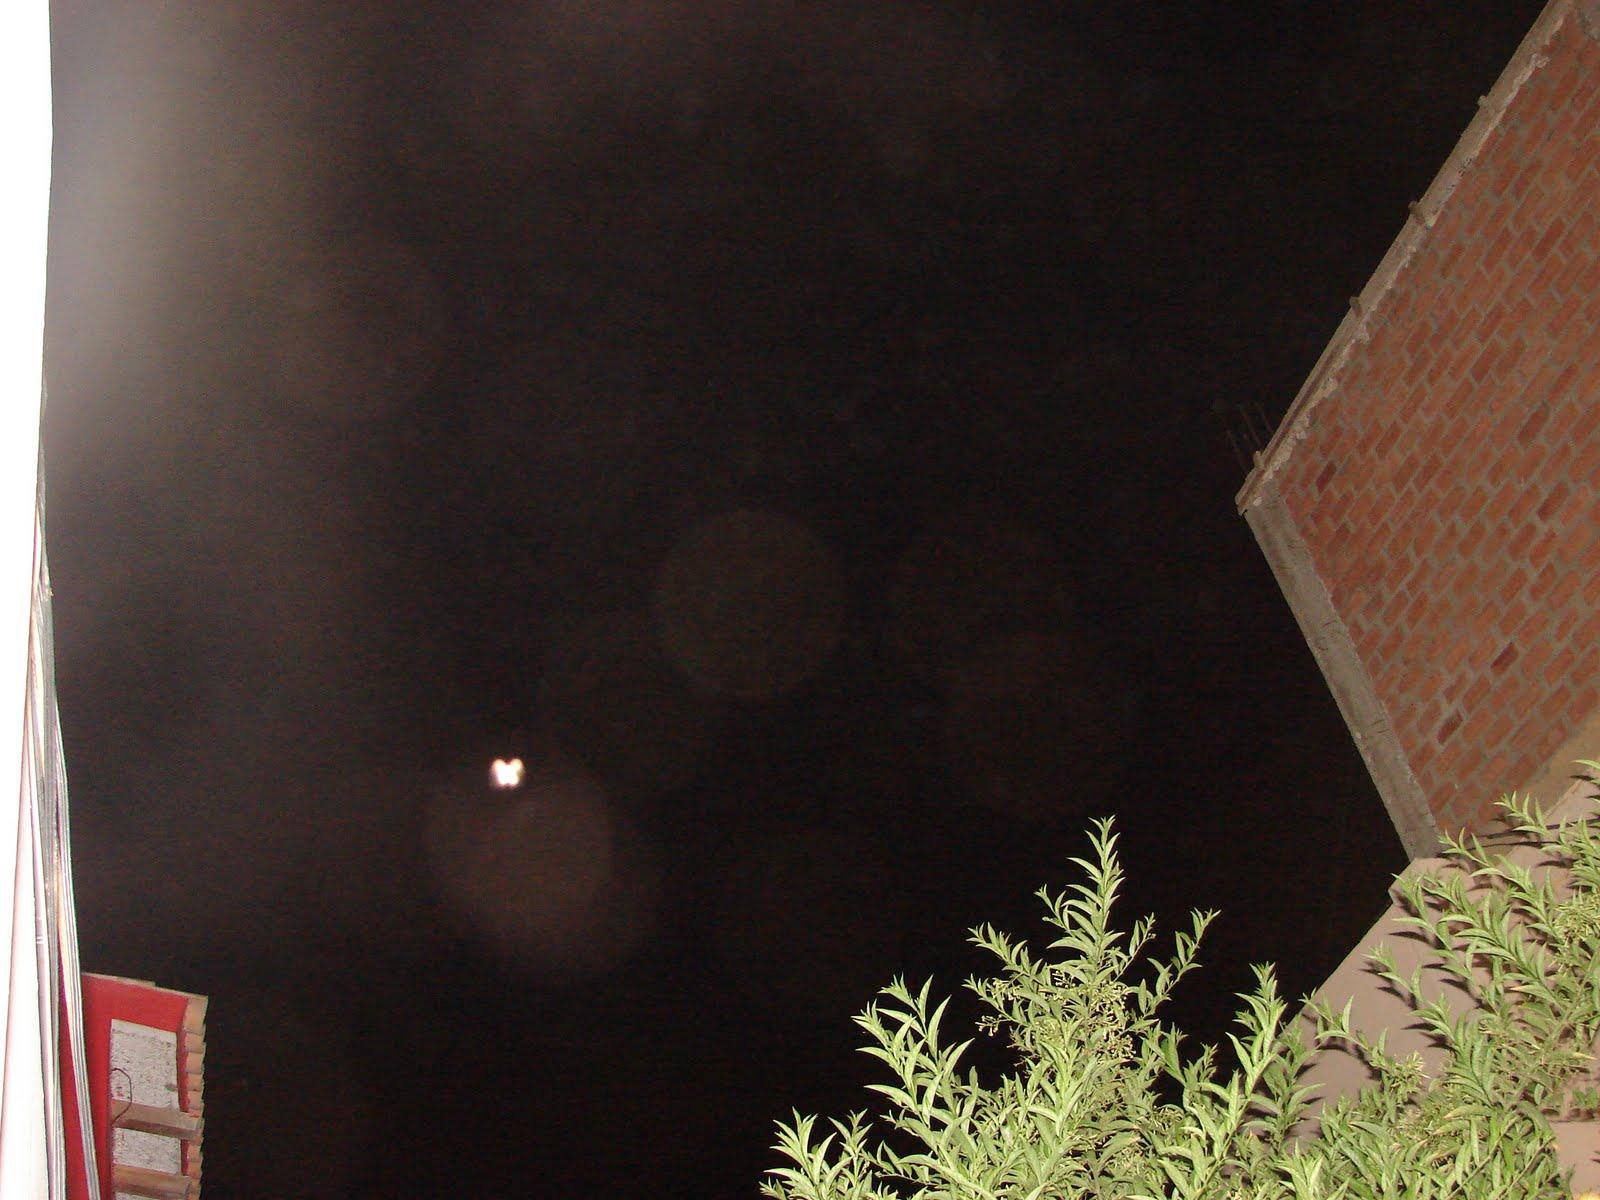 ATENCION-18-marzo-19-20-21-22-23...2011 avistamiento ahorita en cielo,rojo,HAARP,el letras ET sec..